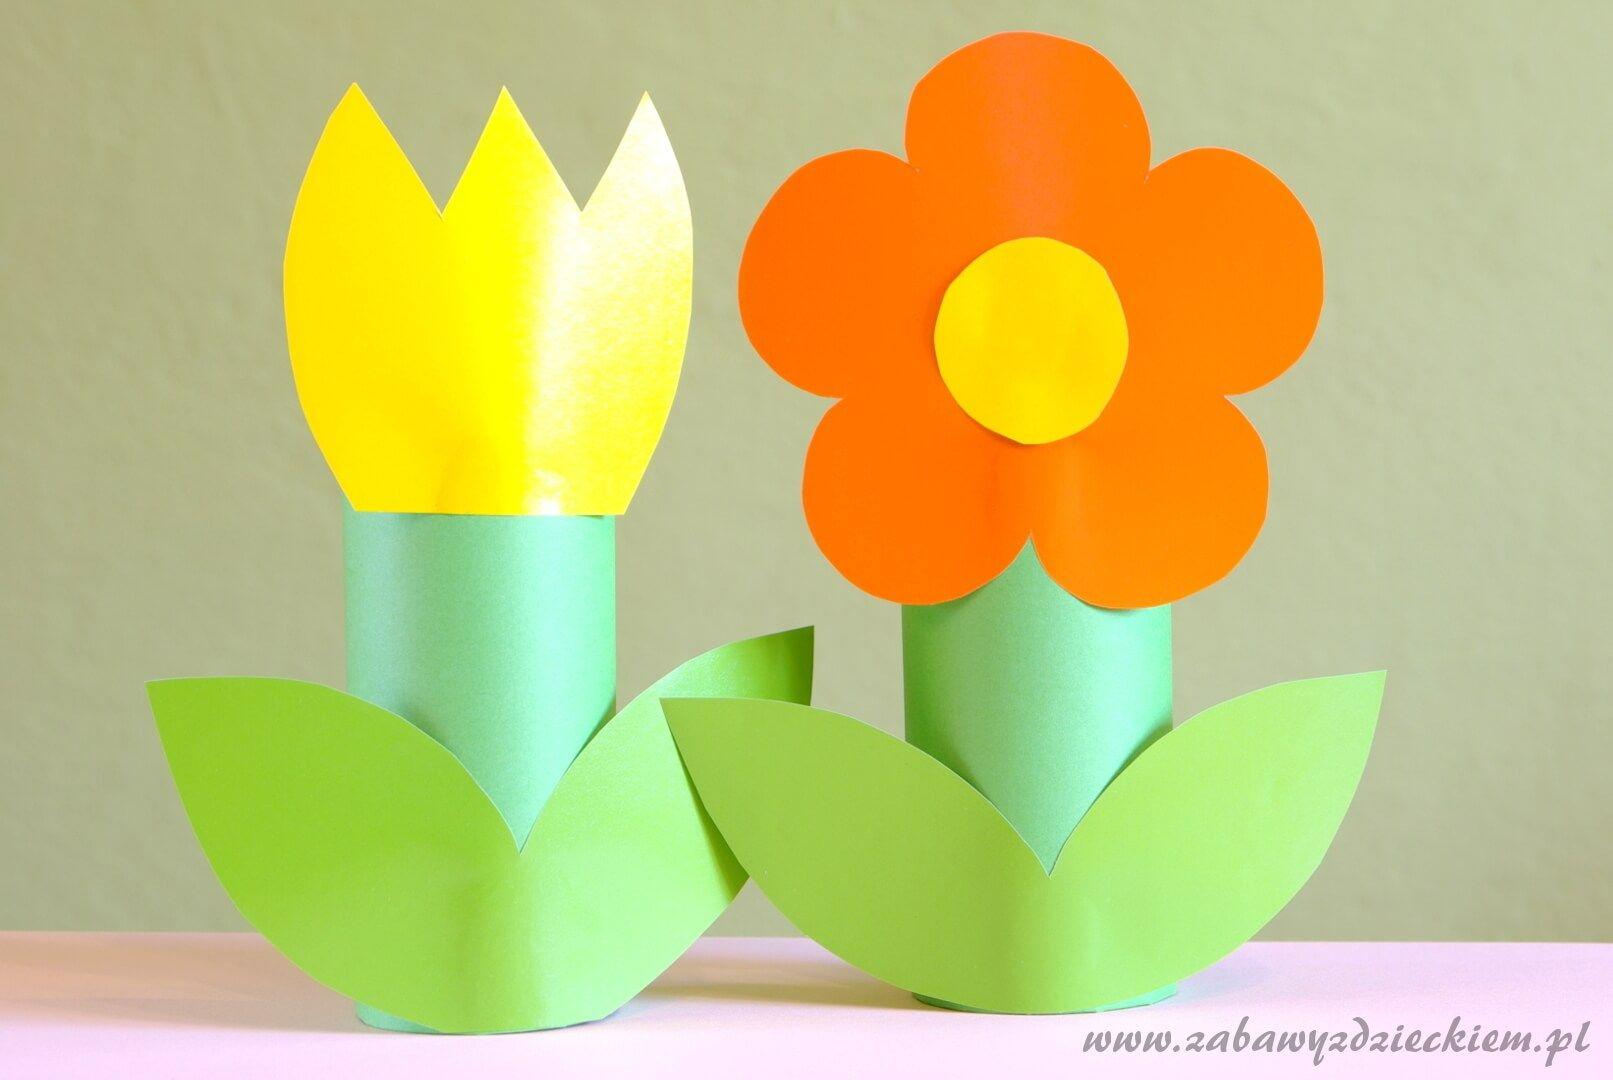 Kwiaty Z Rolek Novelty Lamp Decor Table Lamp